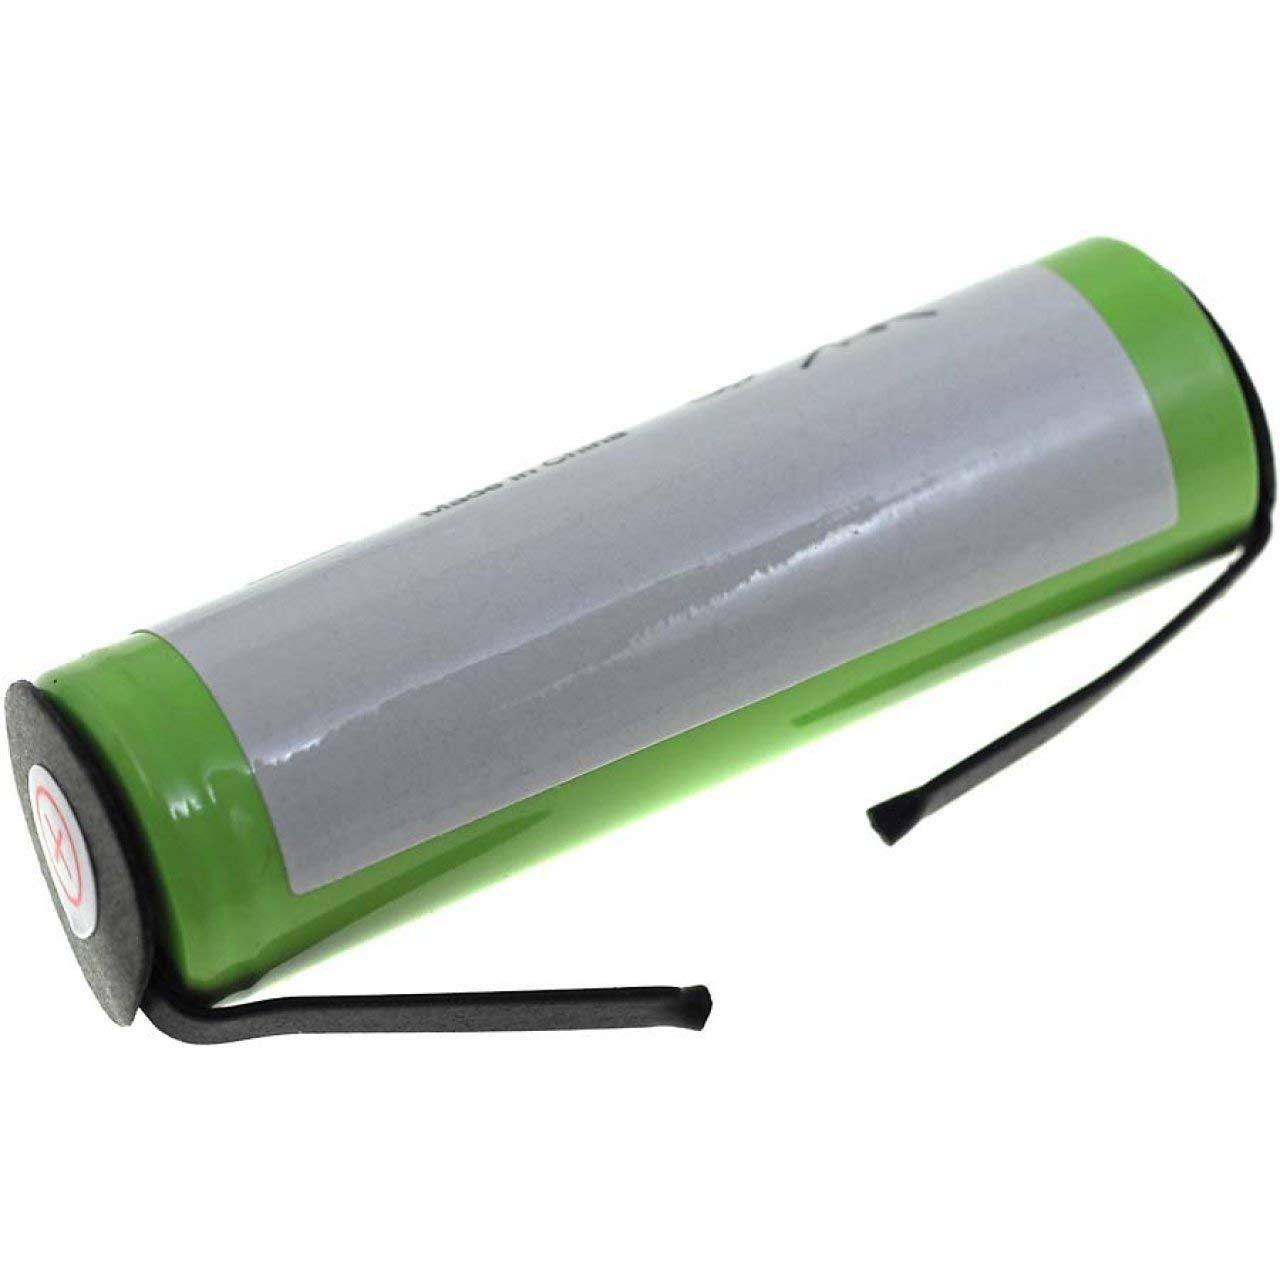 Powery Batería para Afeitadora Braun 6518: Amazon.es: Electrónica